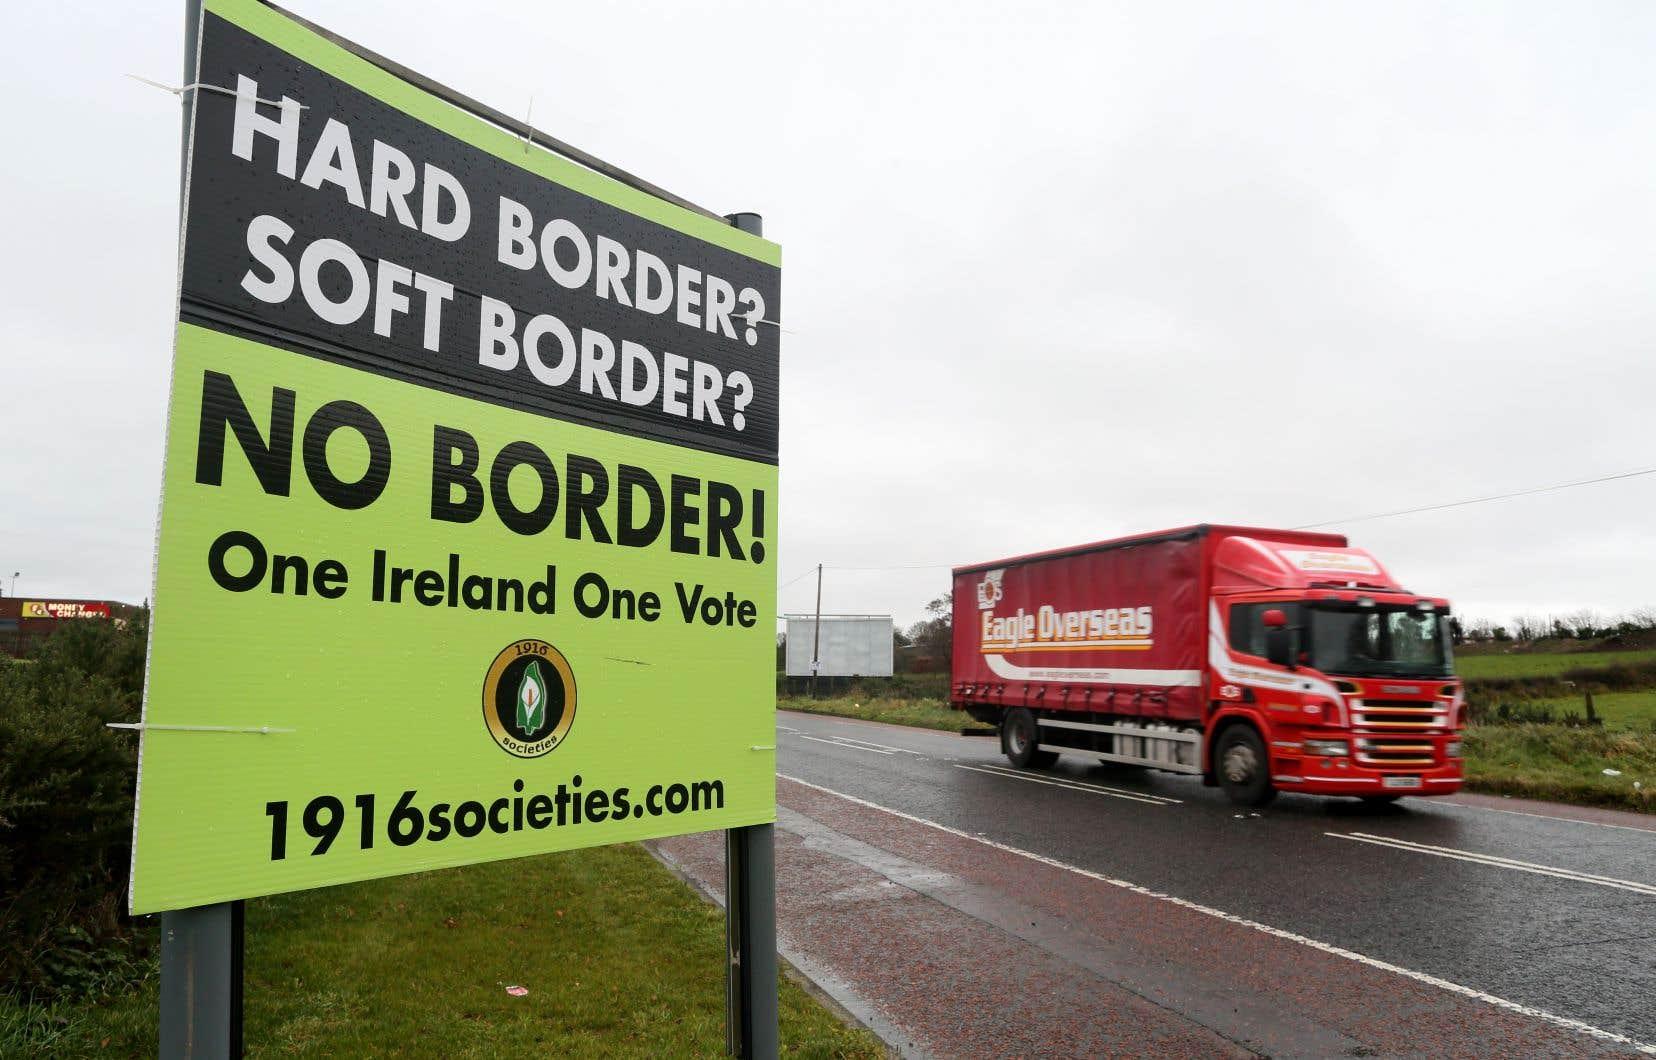 Habitants et entreprises des deux côtés insistent également sur la nécessité de garder la frontière invisible pour la bonne marche des échanges.